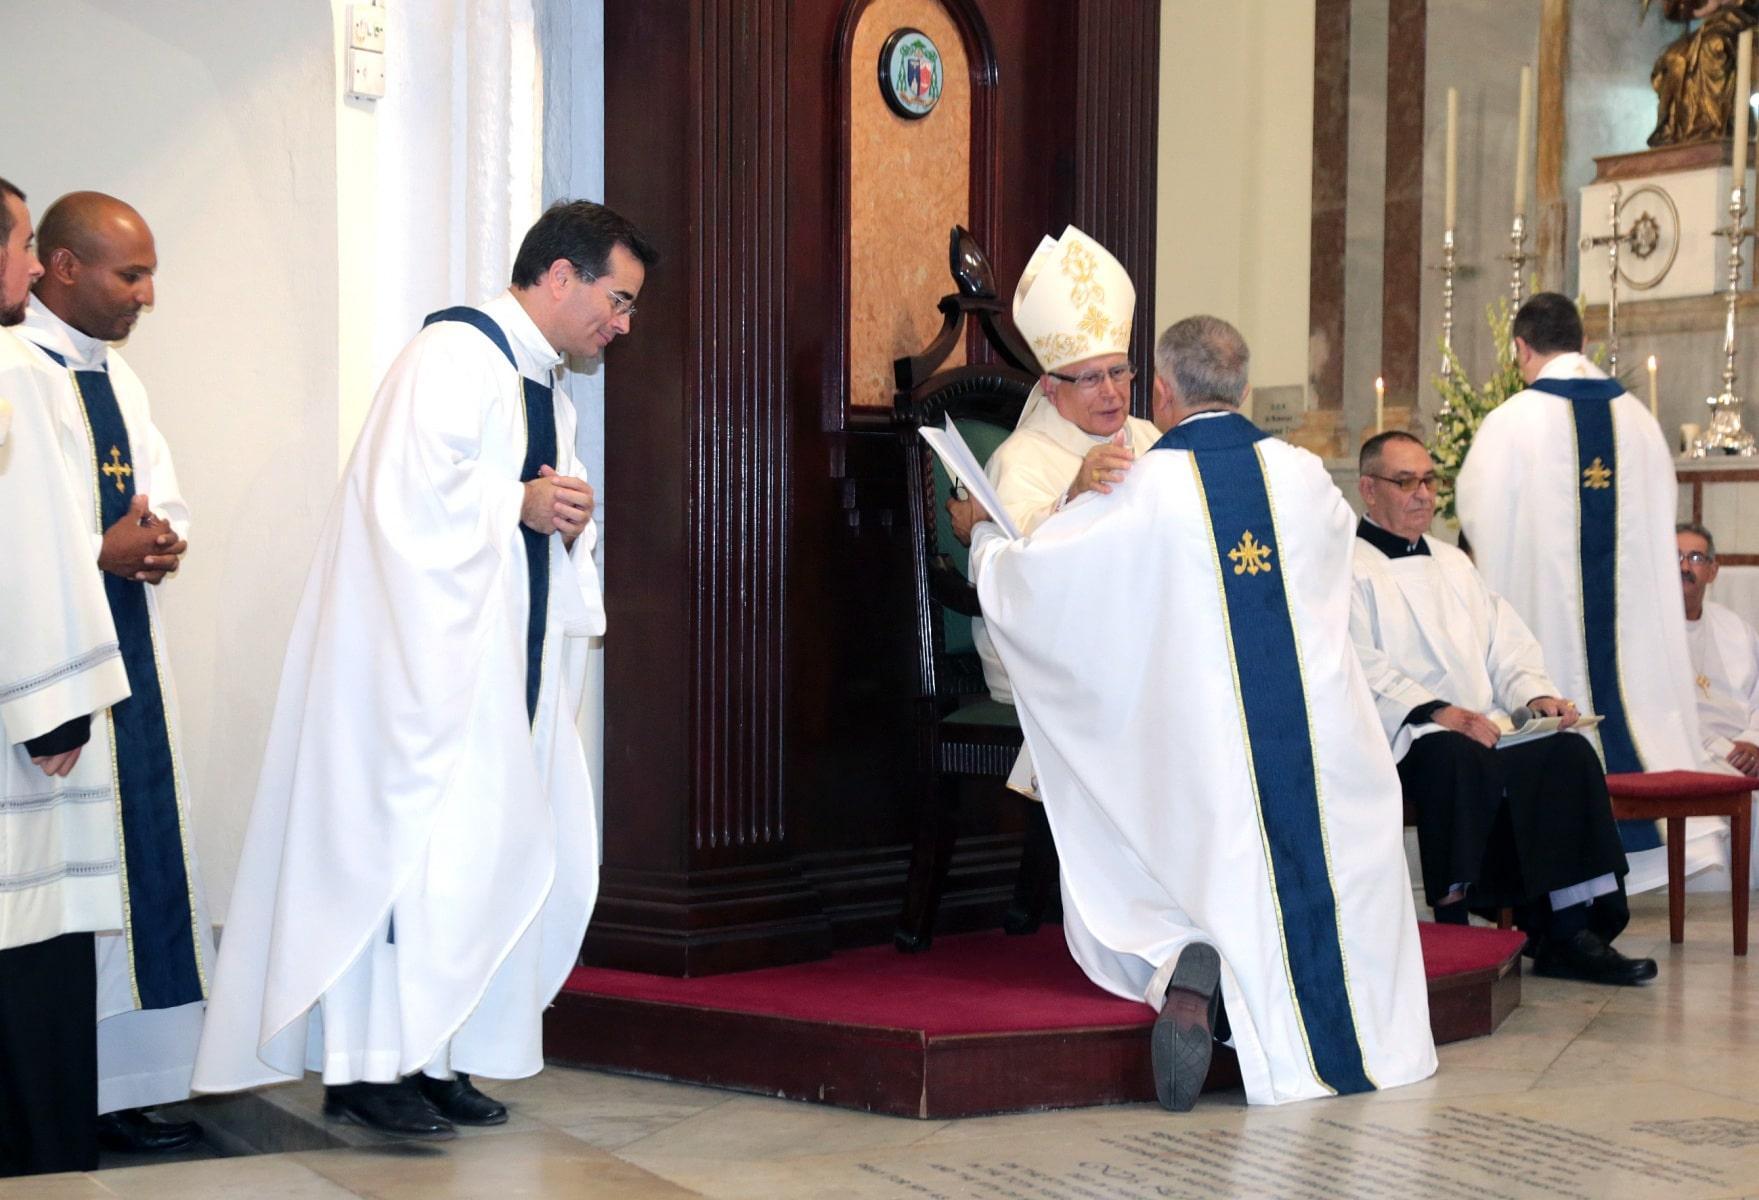 24-sep-2016-toma-de-posesin-de-carmelo-zammit-del-cargo-de-obispo-de-gibraltar_29332130534_o